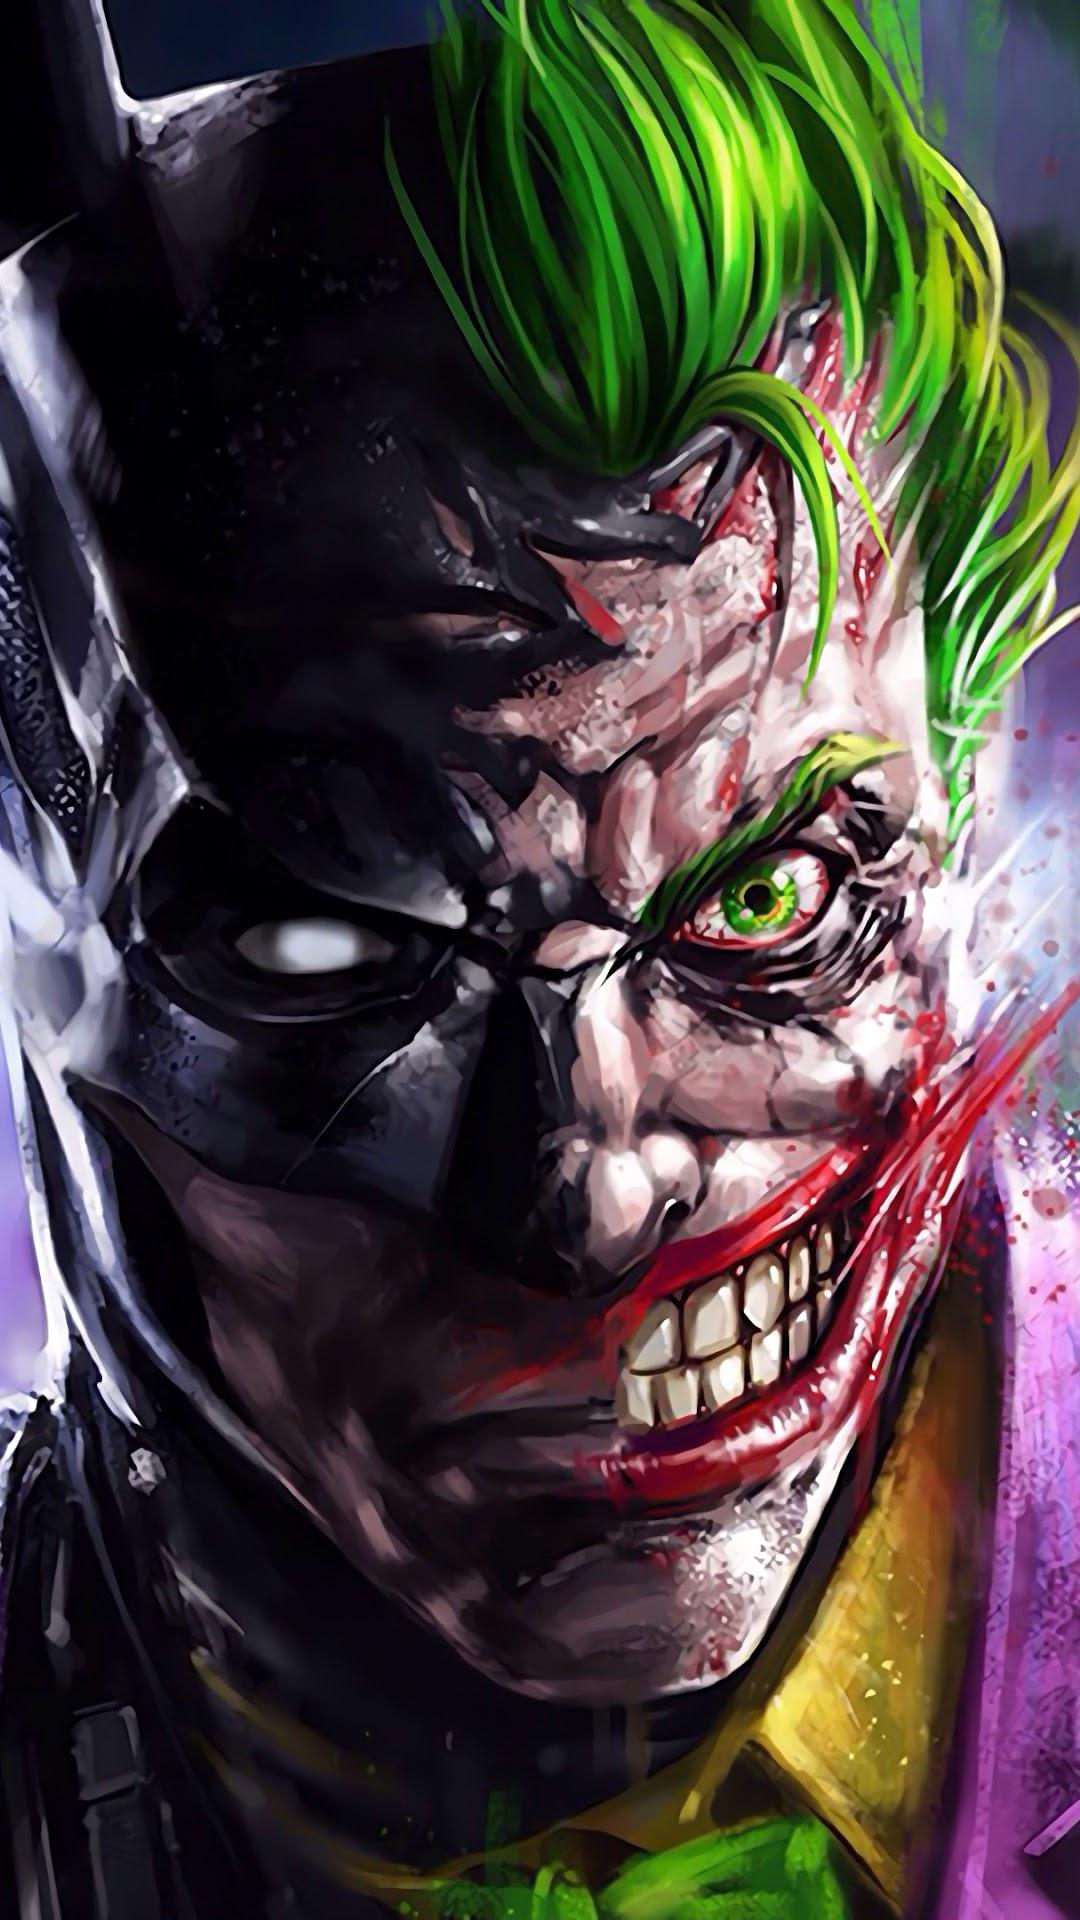 274 2745938 batman joker 4k batman and joker wallpapers iphone